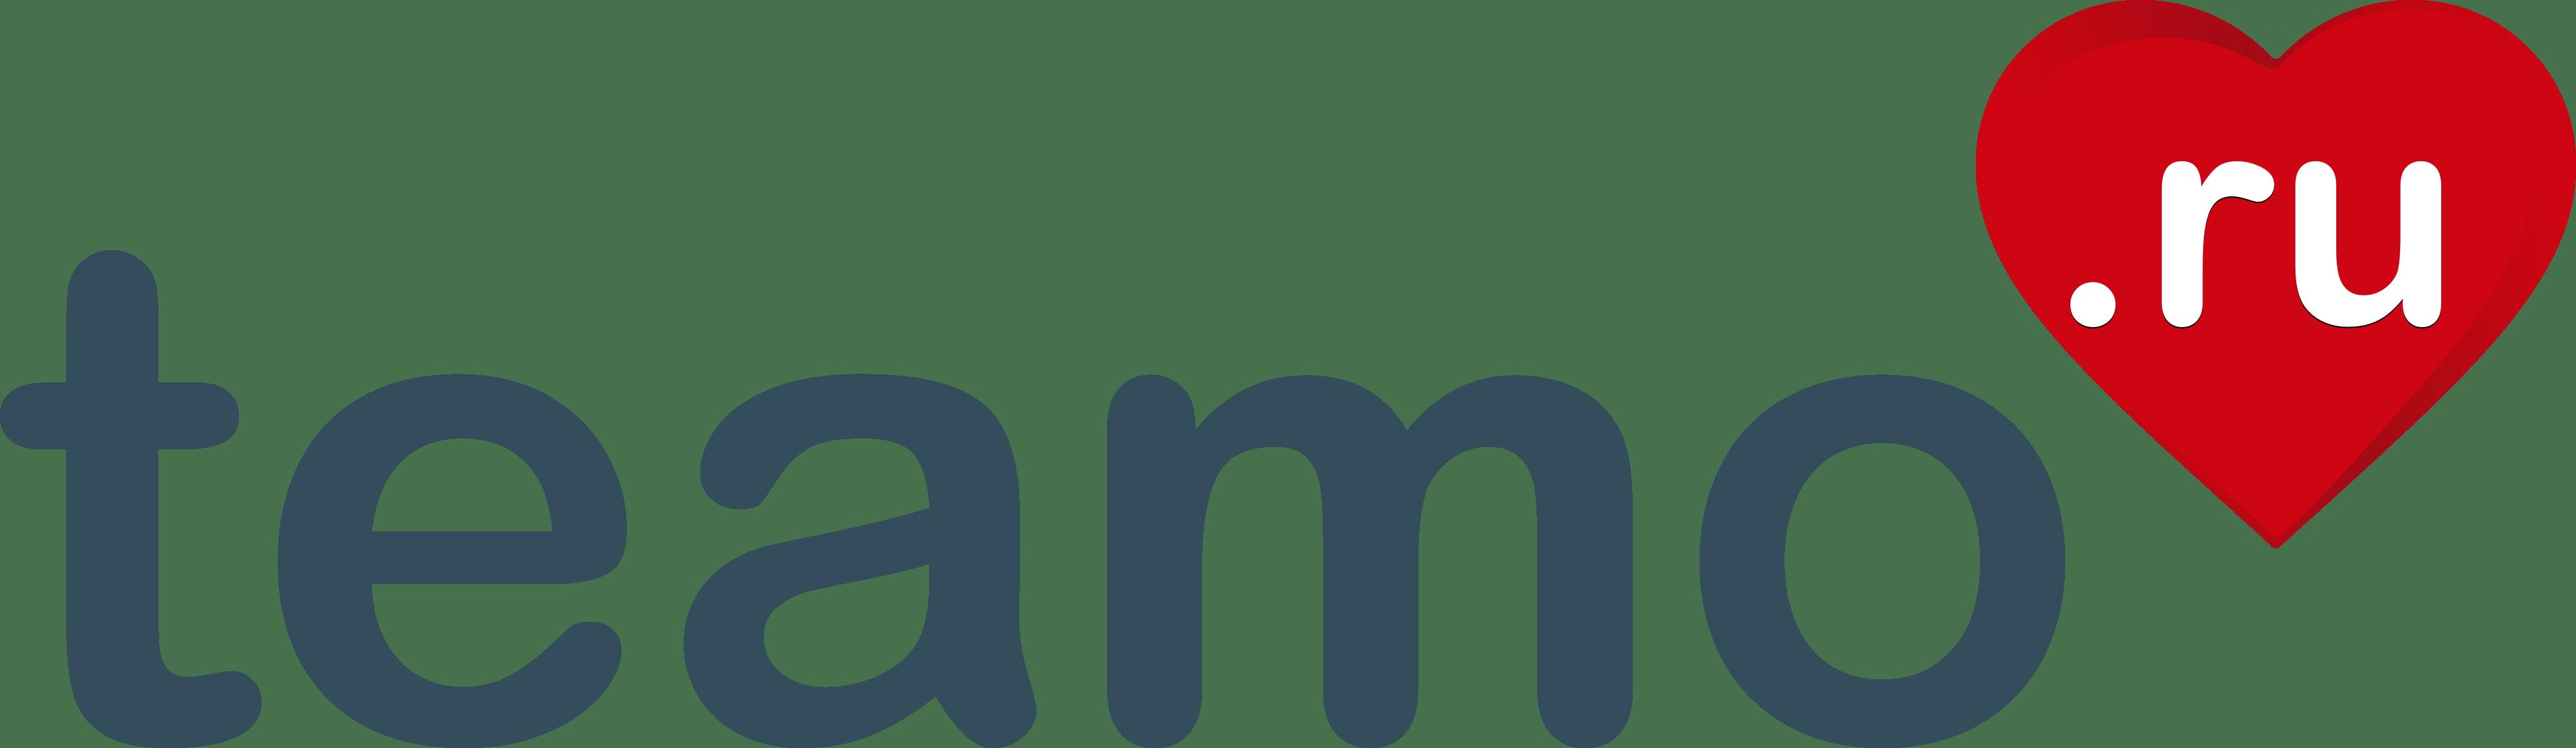 Teamo.ru company logo